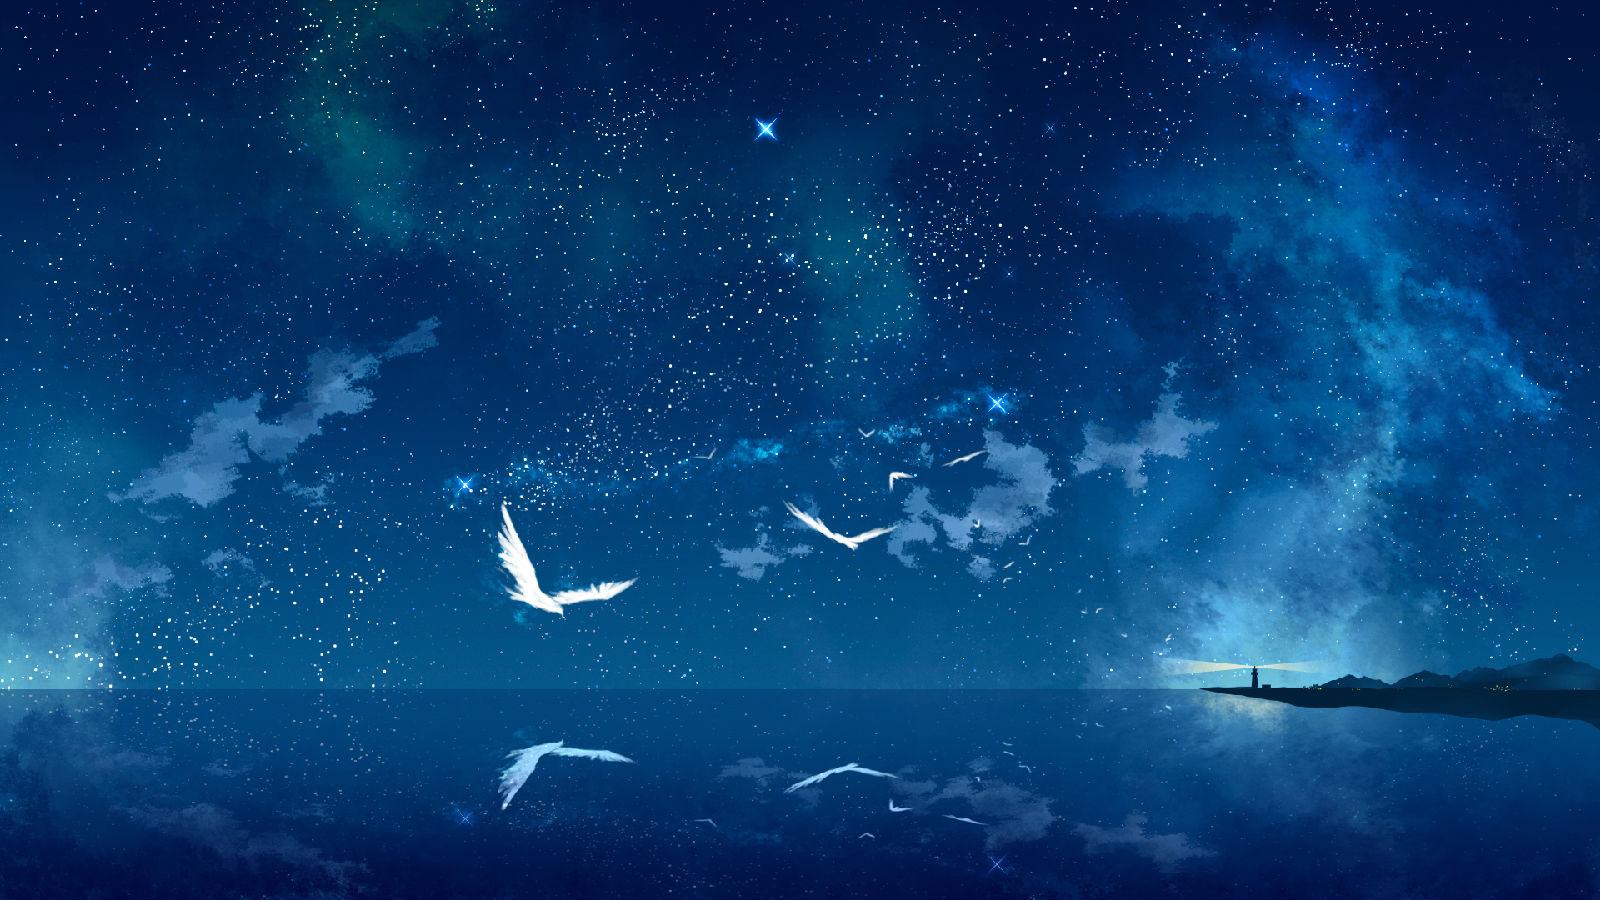 谁有类似下面的图片就是夜晚星空的 百度知道